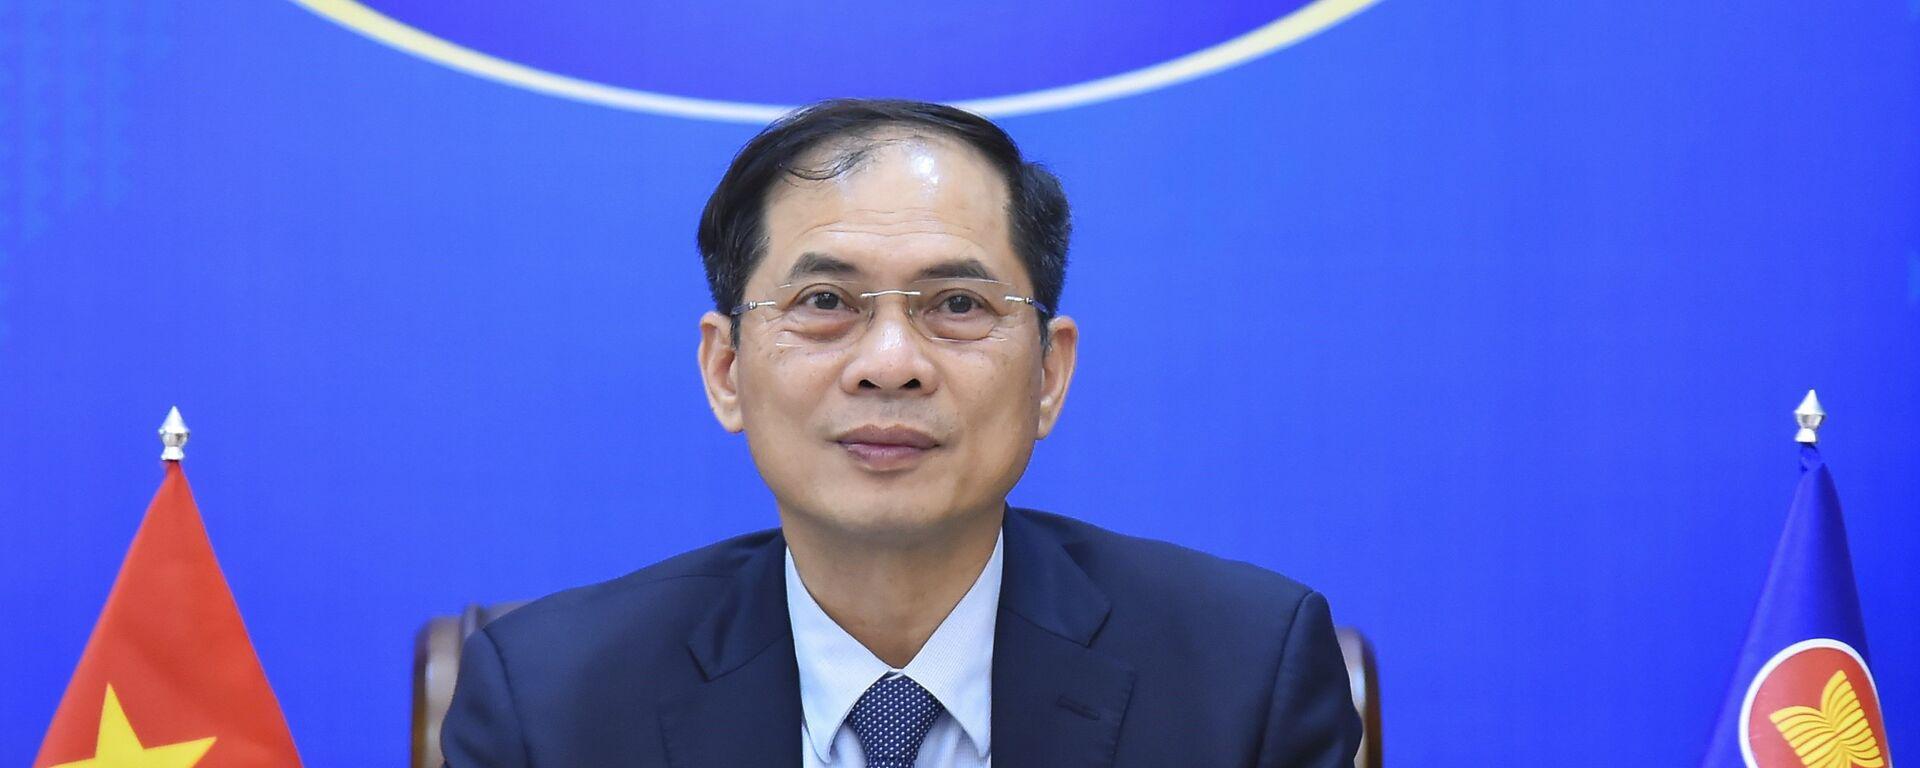 Bộ trưởng Bộ Ngoại giao Bùi Thanh Sơn dự Hội nghị trực tuyến cam kết hỗ trợ nhân đạo của ASEAN cho Myanmar. - Sputnik Việt Nam, 1920, 16.09.2021